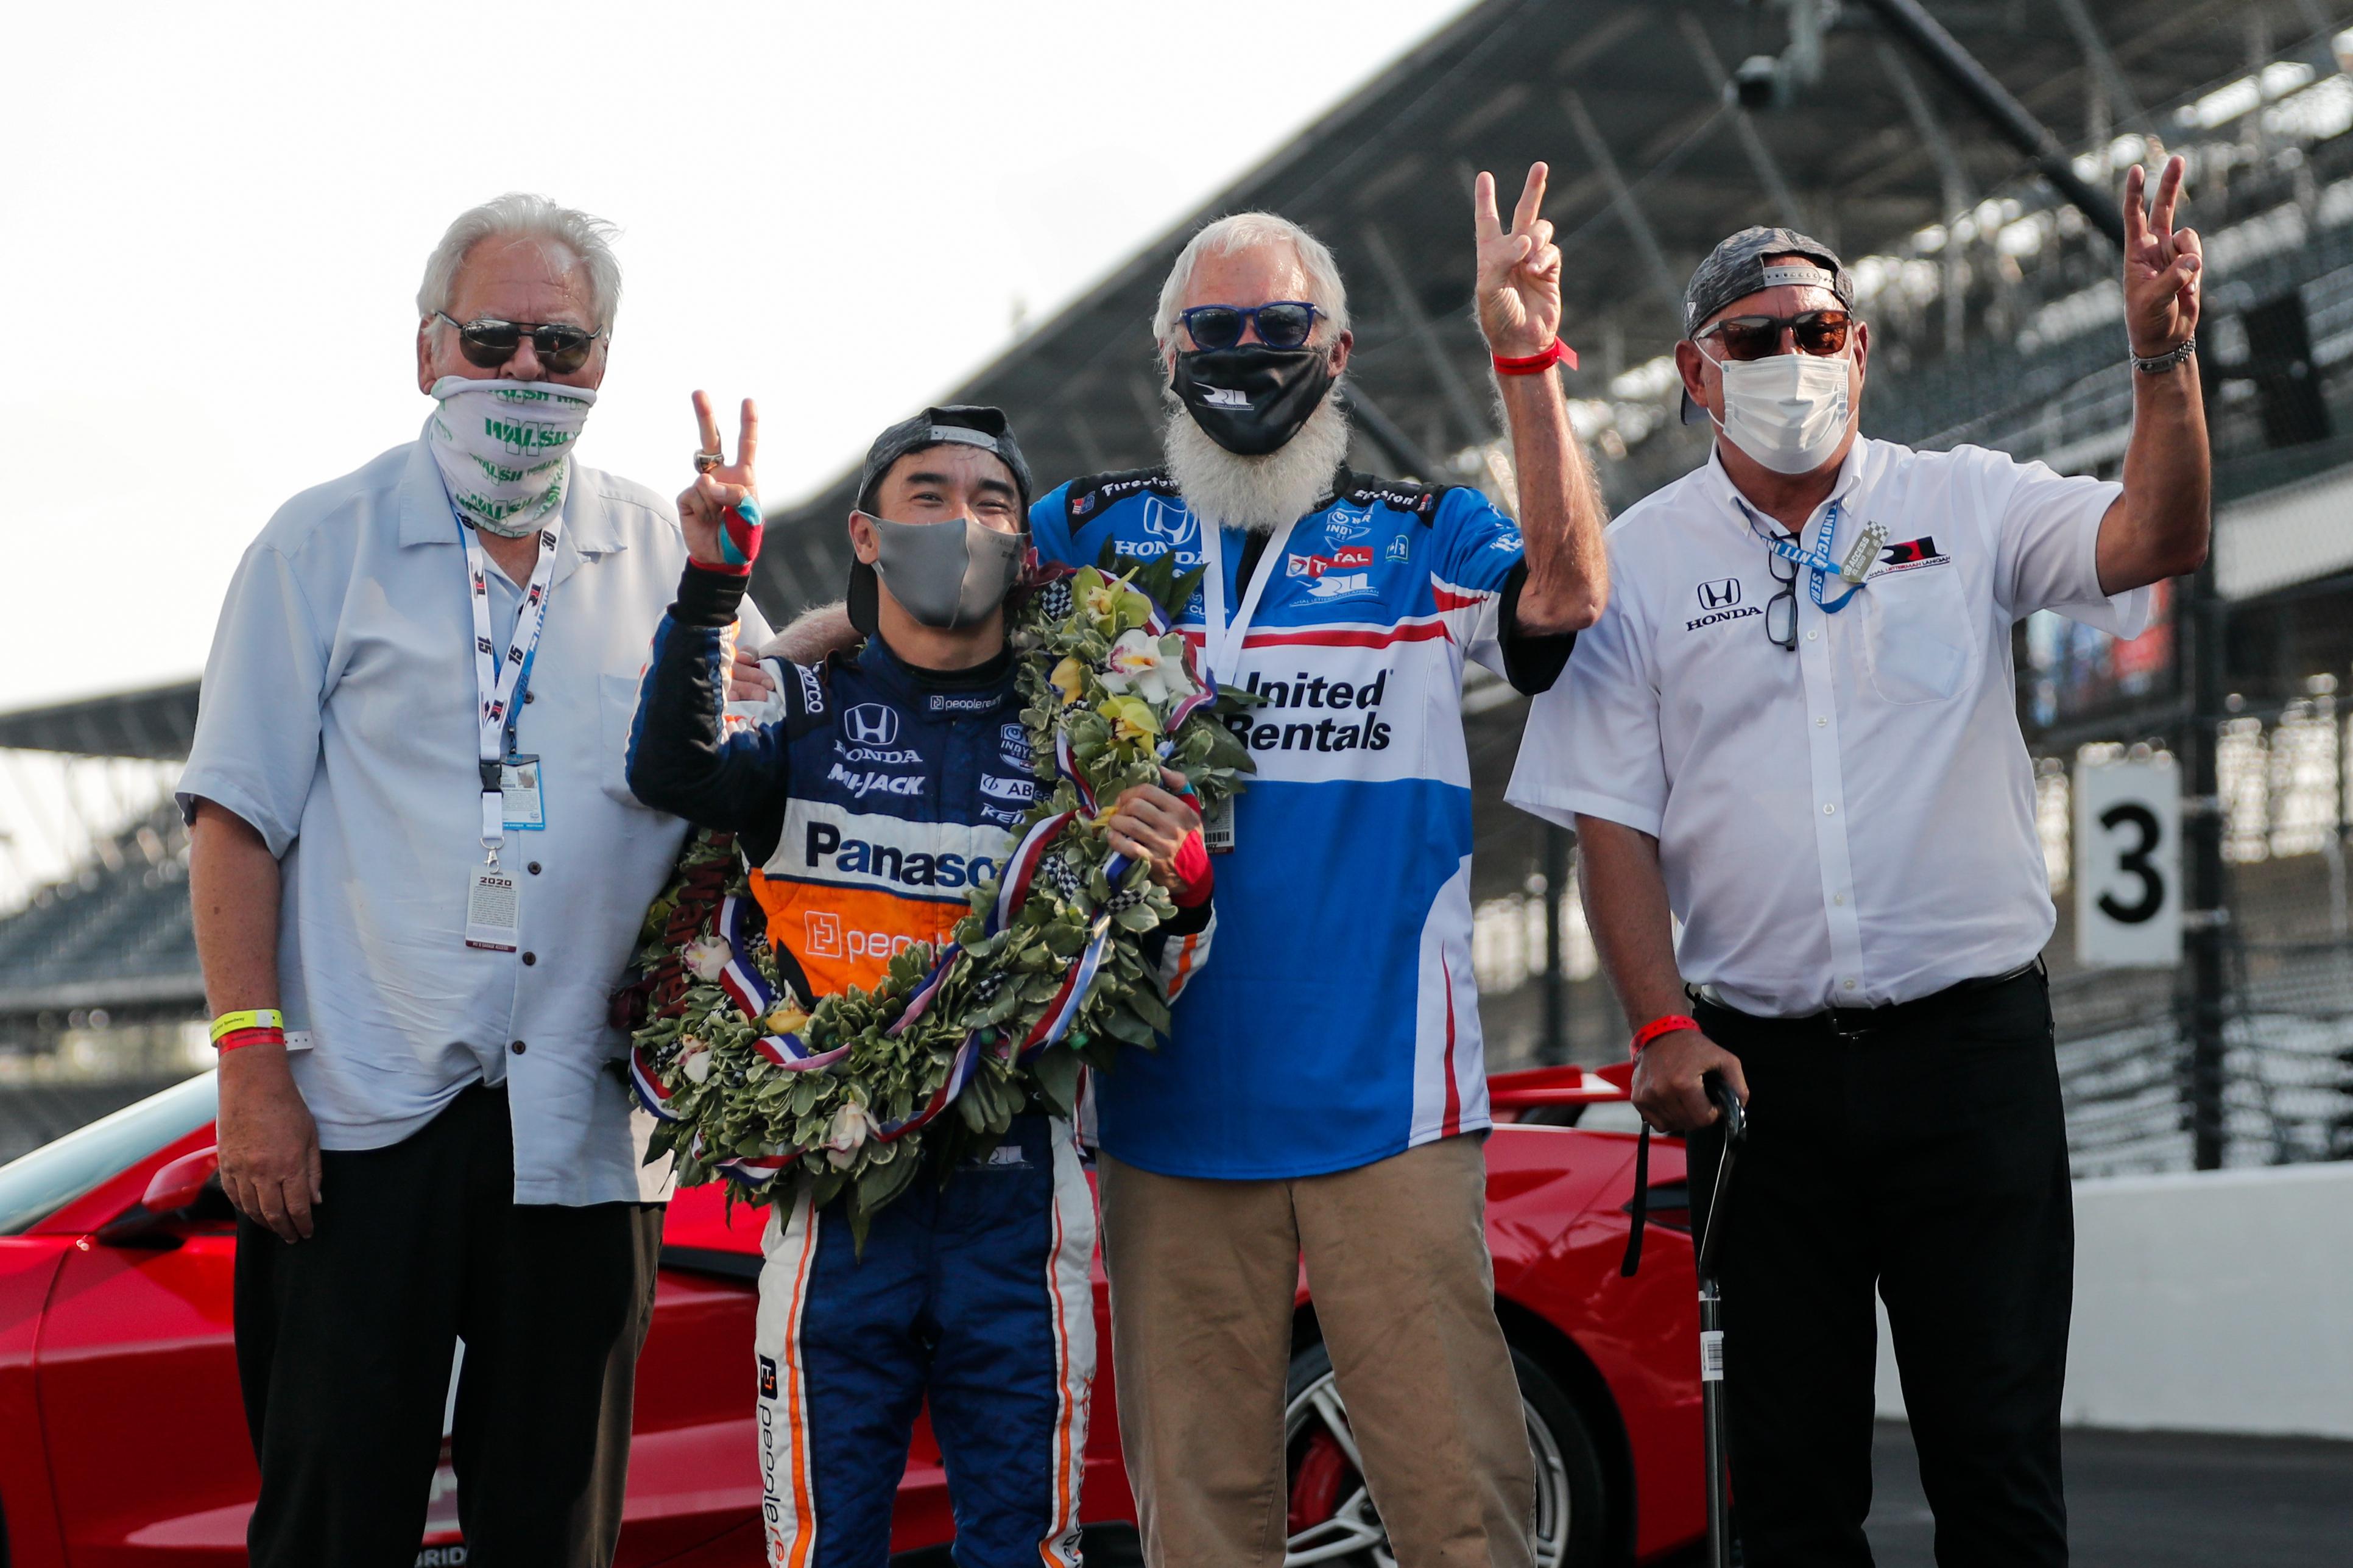 Jgs 2020 Indianapolis 500 128647 1 Copy